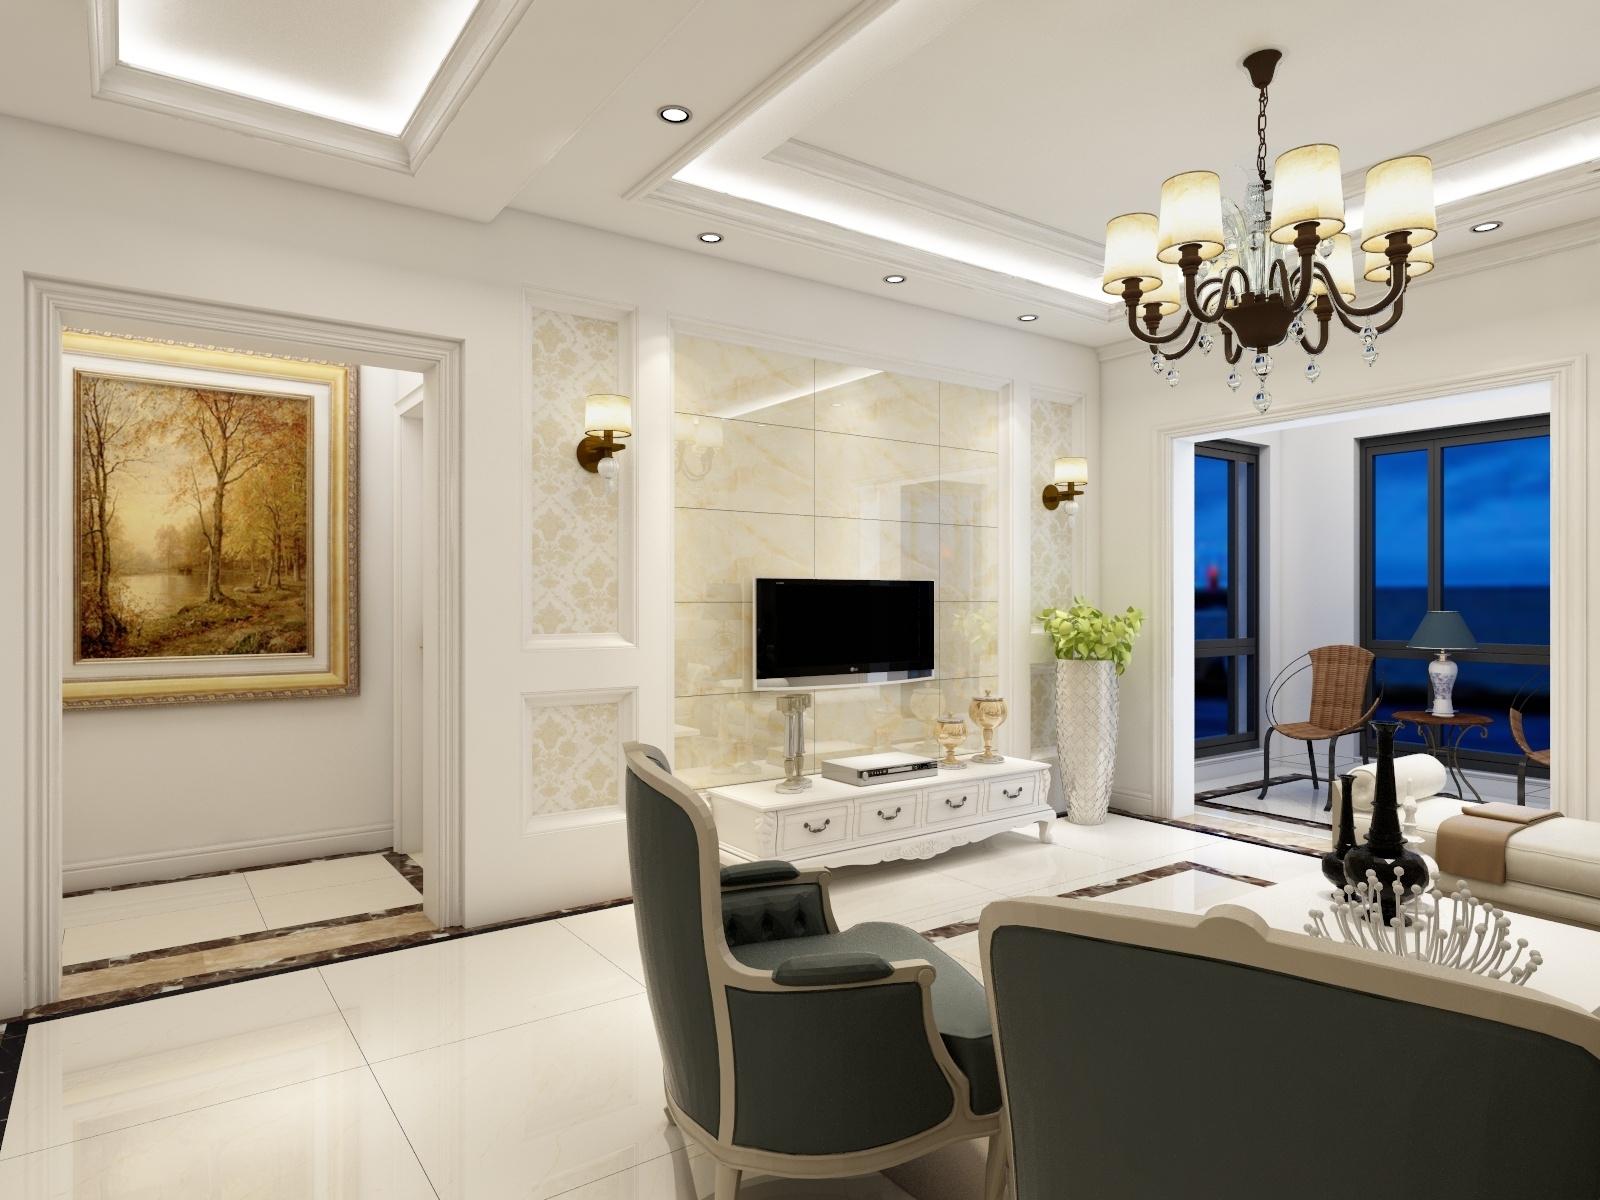 长兴星城三室两厅欧式家装效果图